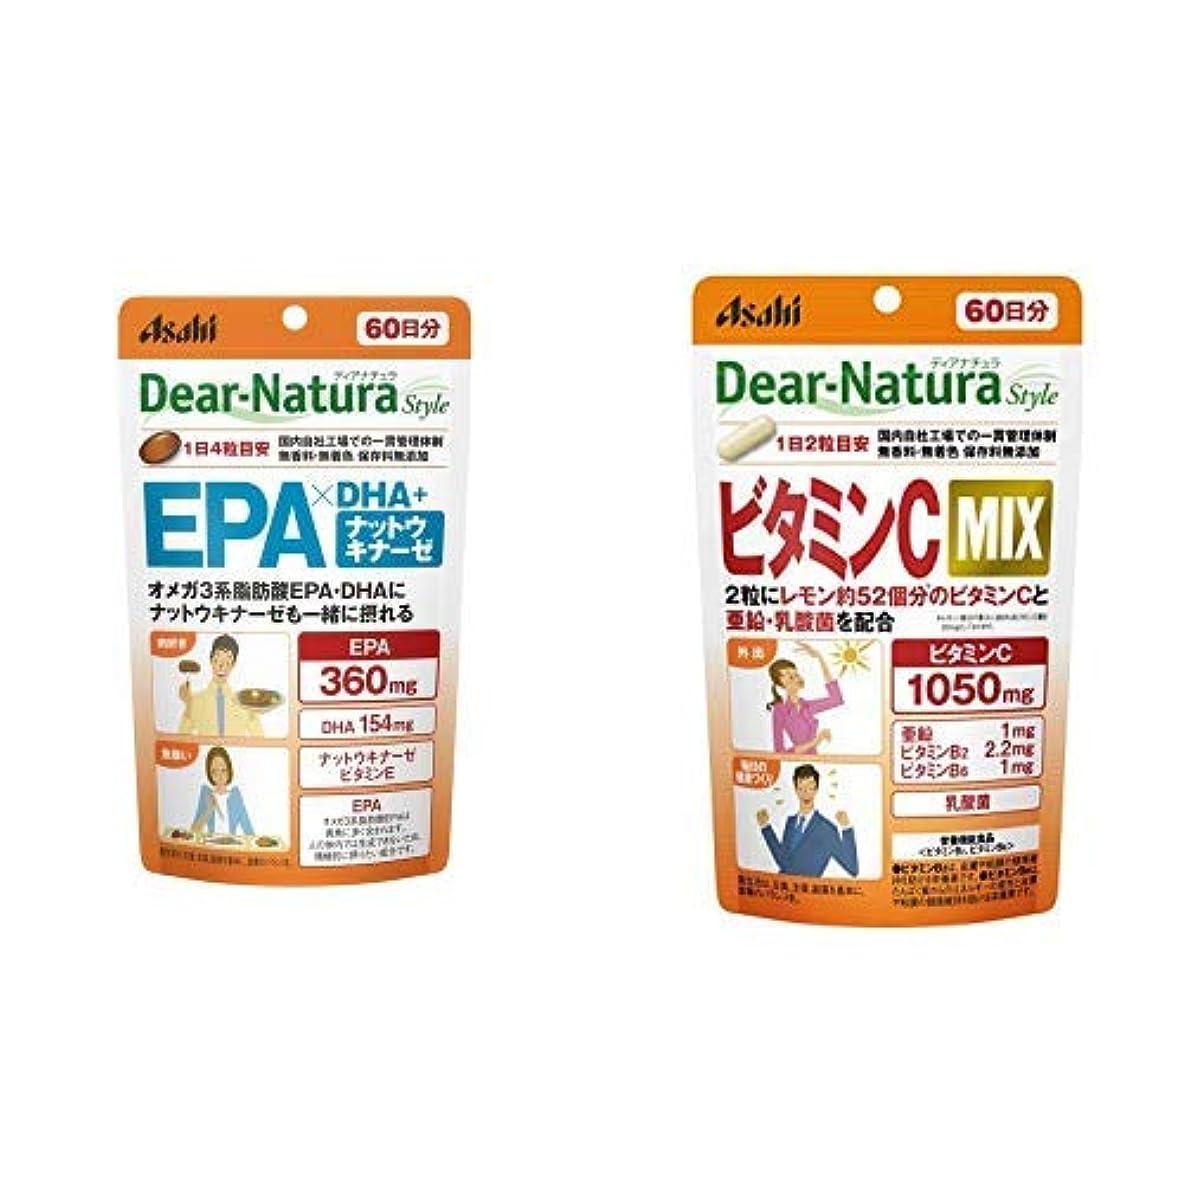 送信する予定光景【セット買い】ディアナチュラスタイル EPA×DHA+ナットウキナーゼ 60日分 & ビタミンC MIX 60日分